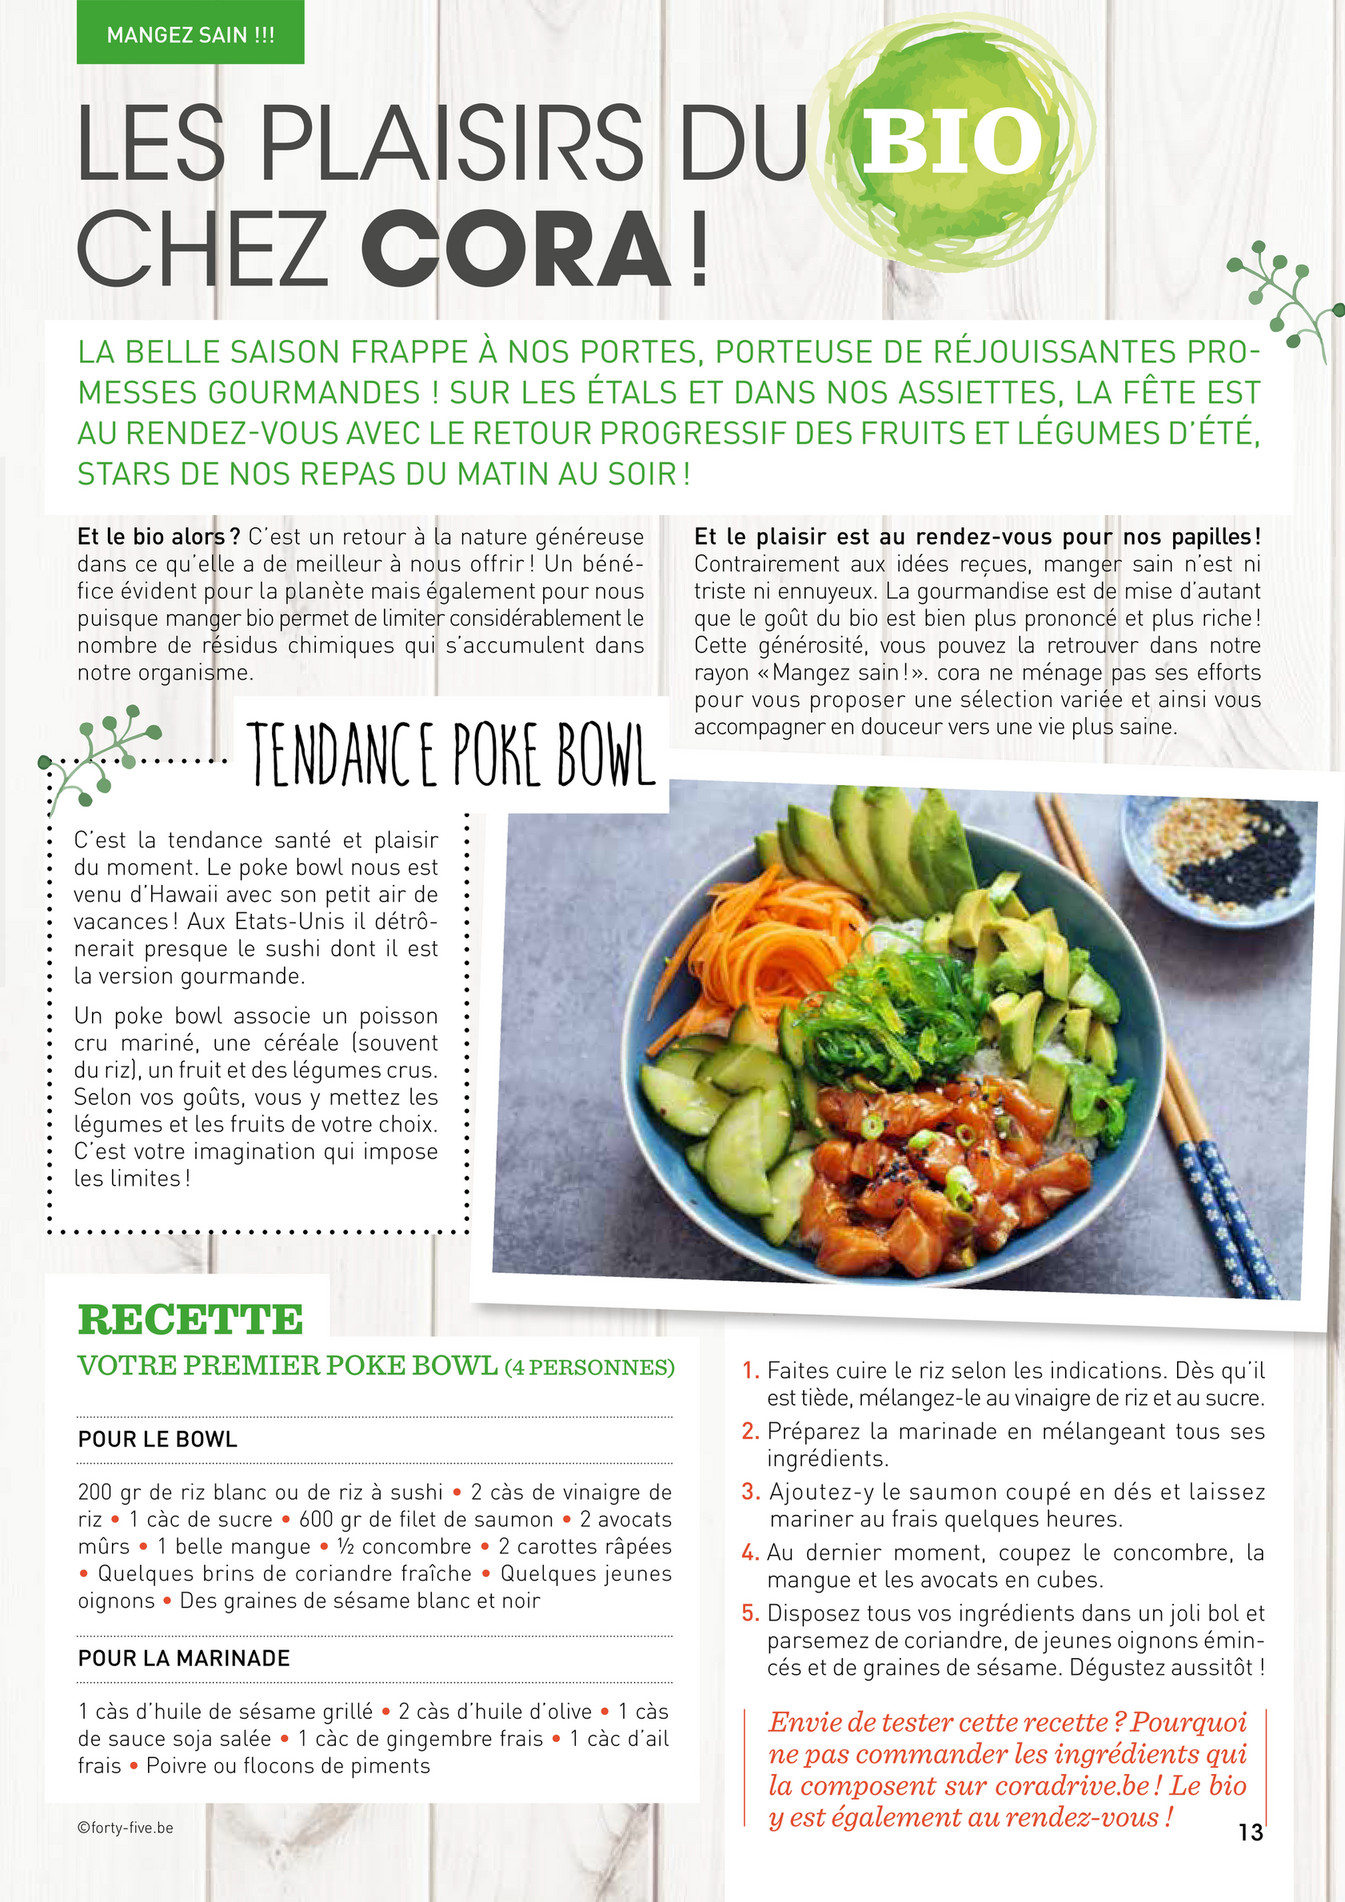 Cuisine Avec Retour Pour Manger cora - pages de coramag_n1_web - page 1